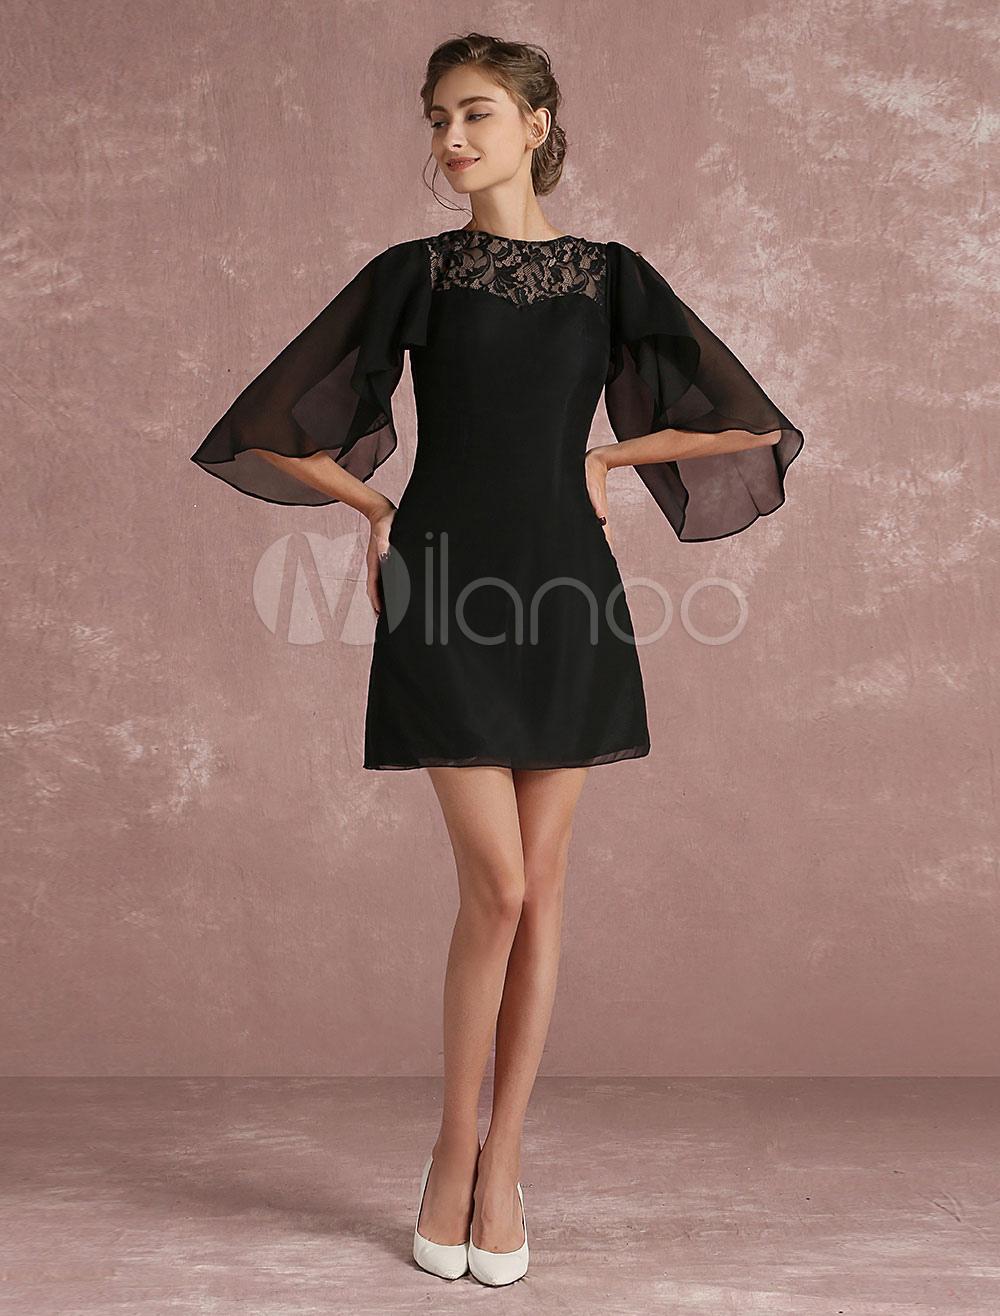 petites robes noires pas cher en ligne avec des styles divers. Black Bedroom Furniture Sets. Home Design Ideas